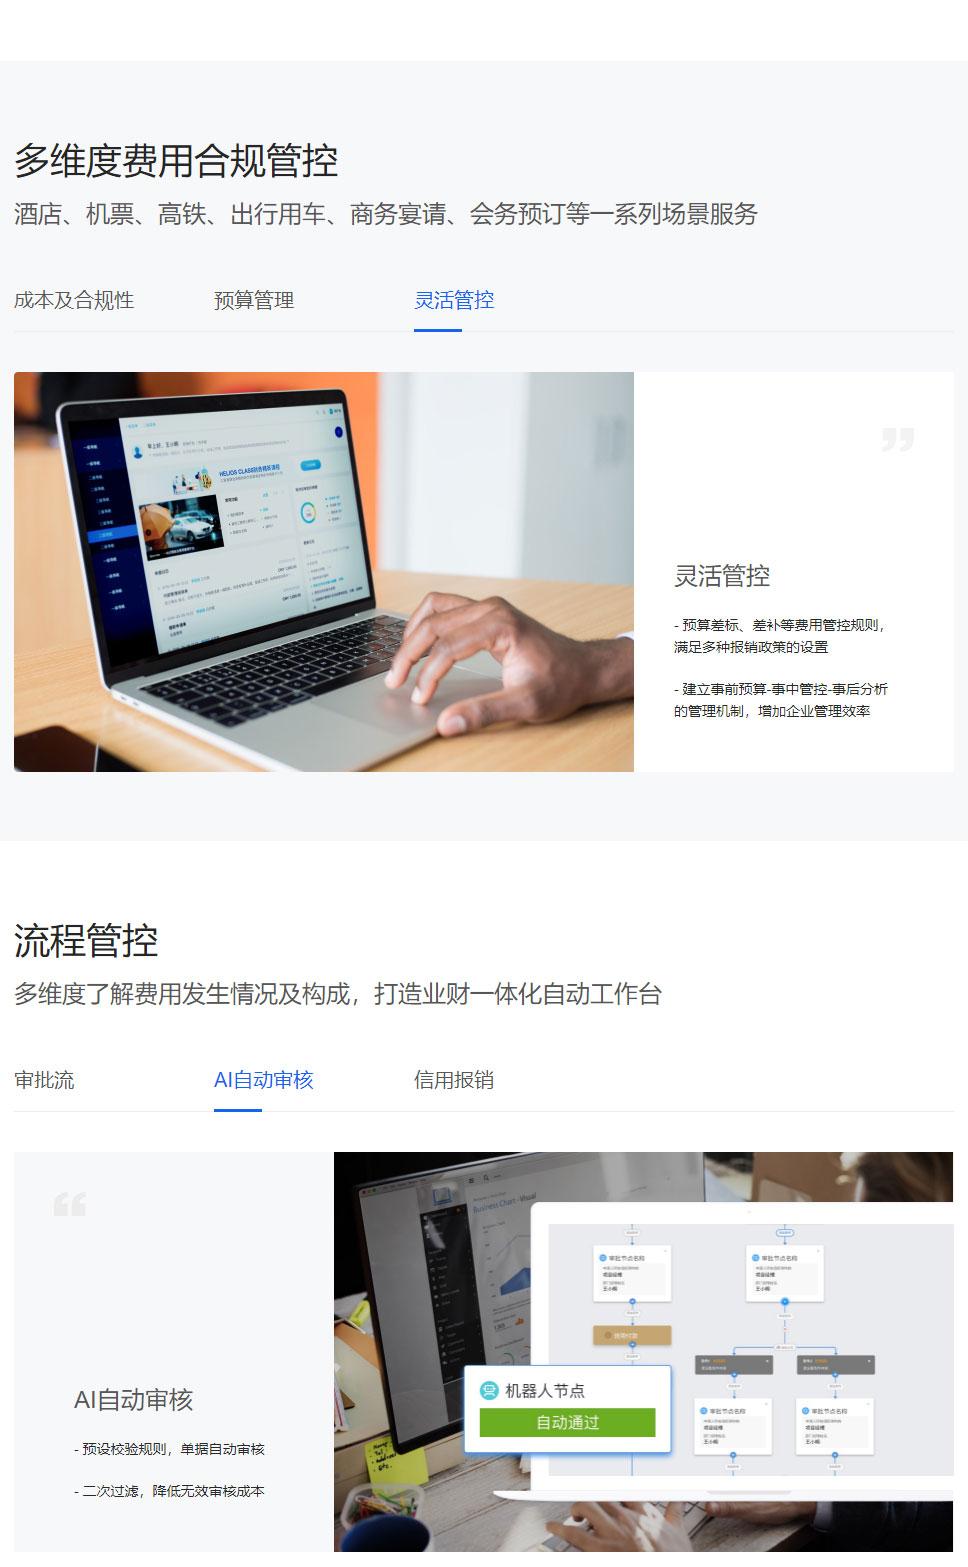 汇联易_04.jpg